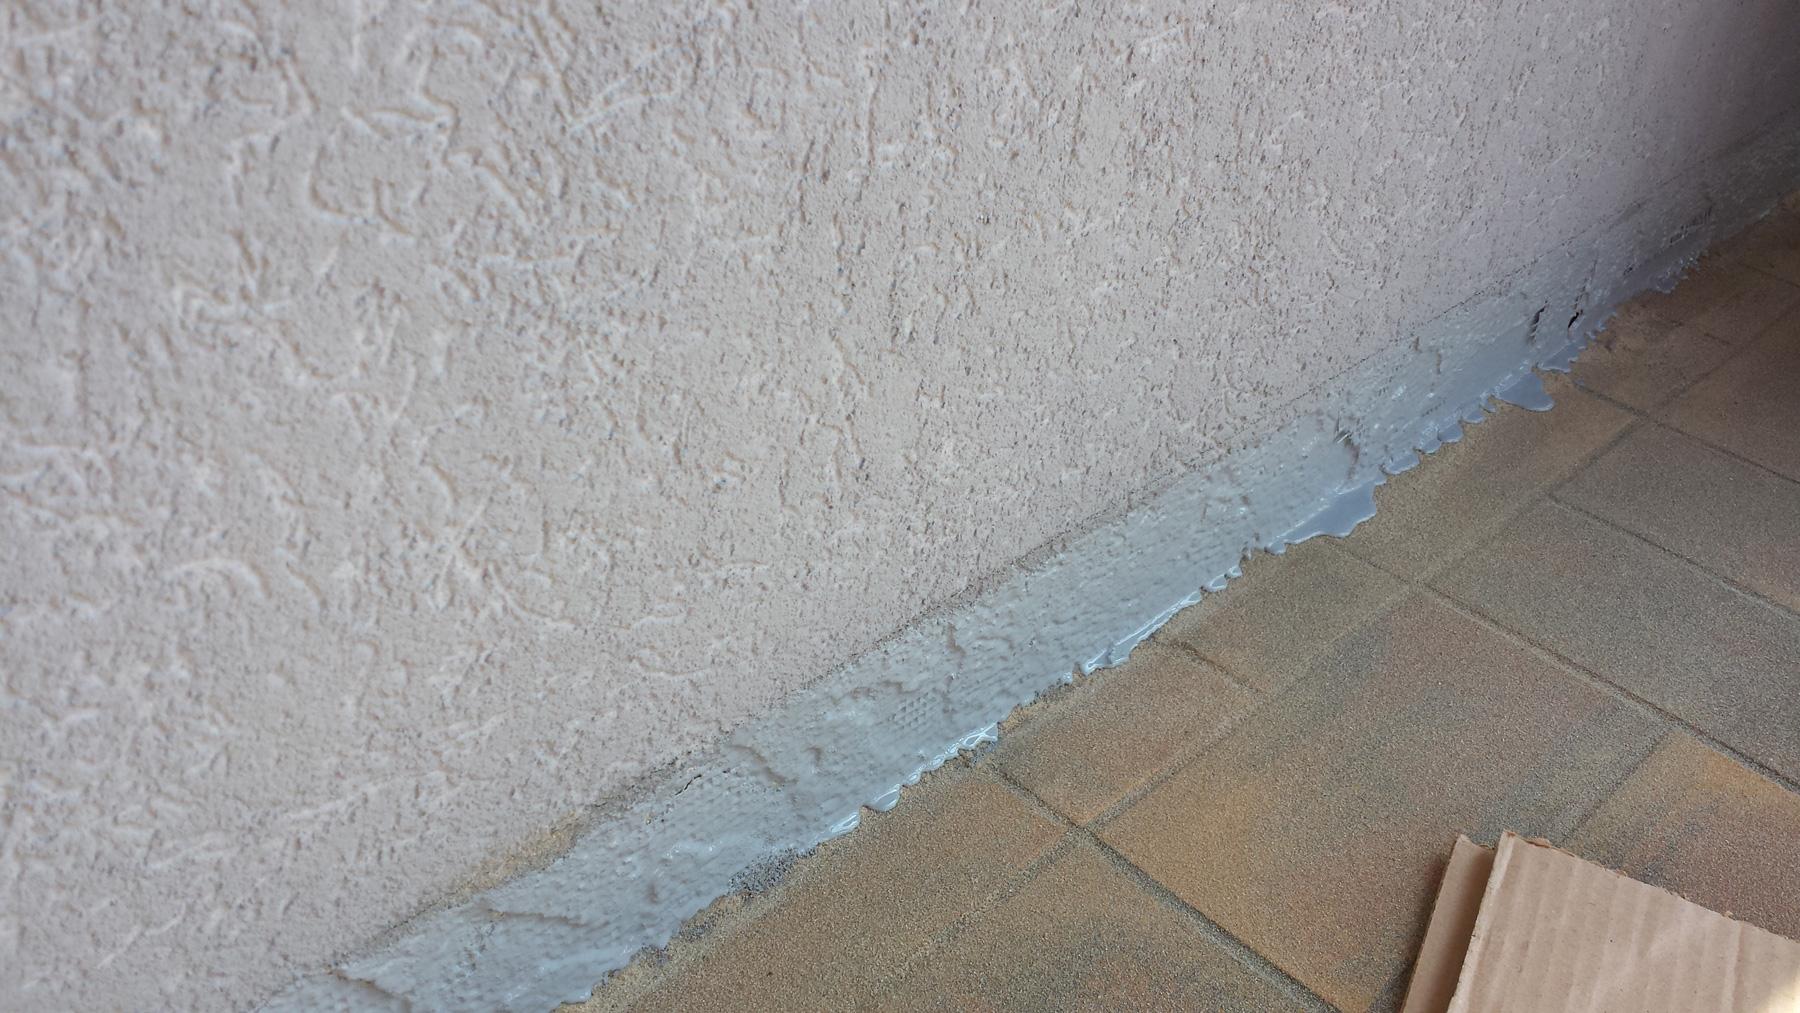 troesch - moquette pierre entrée maison - 02